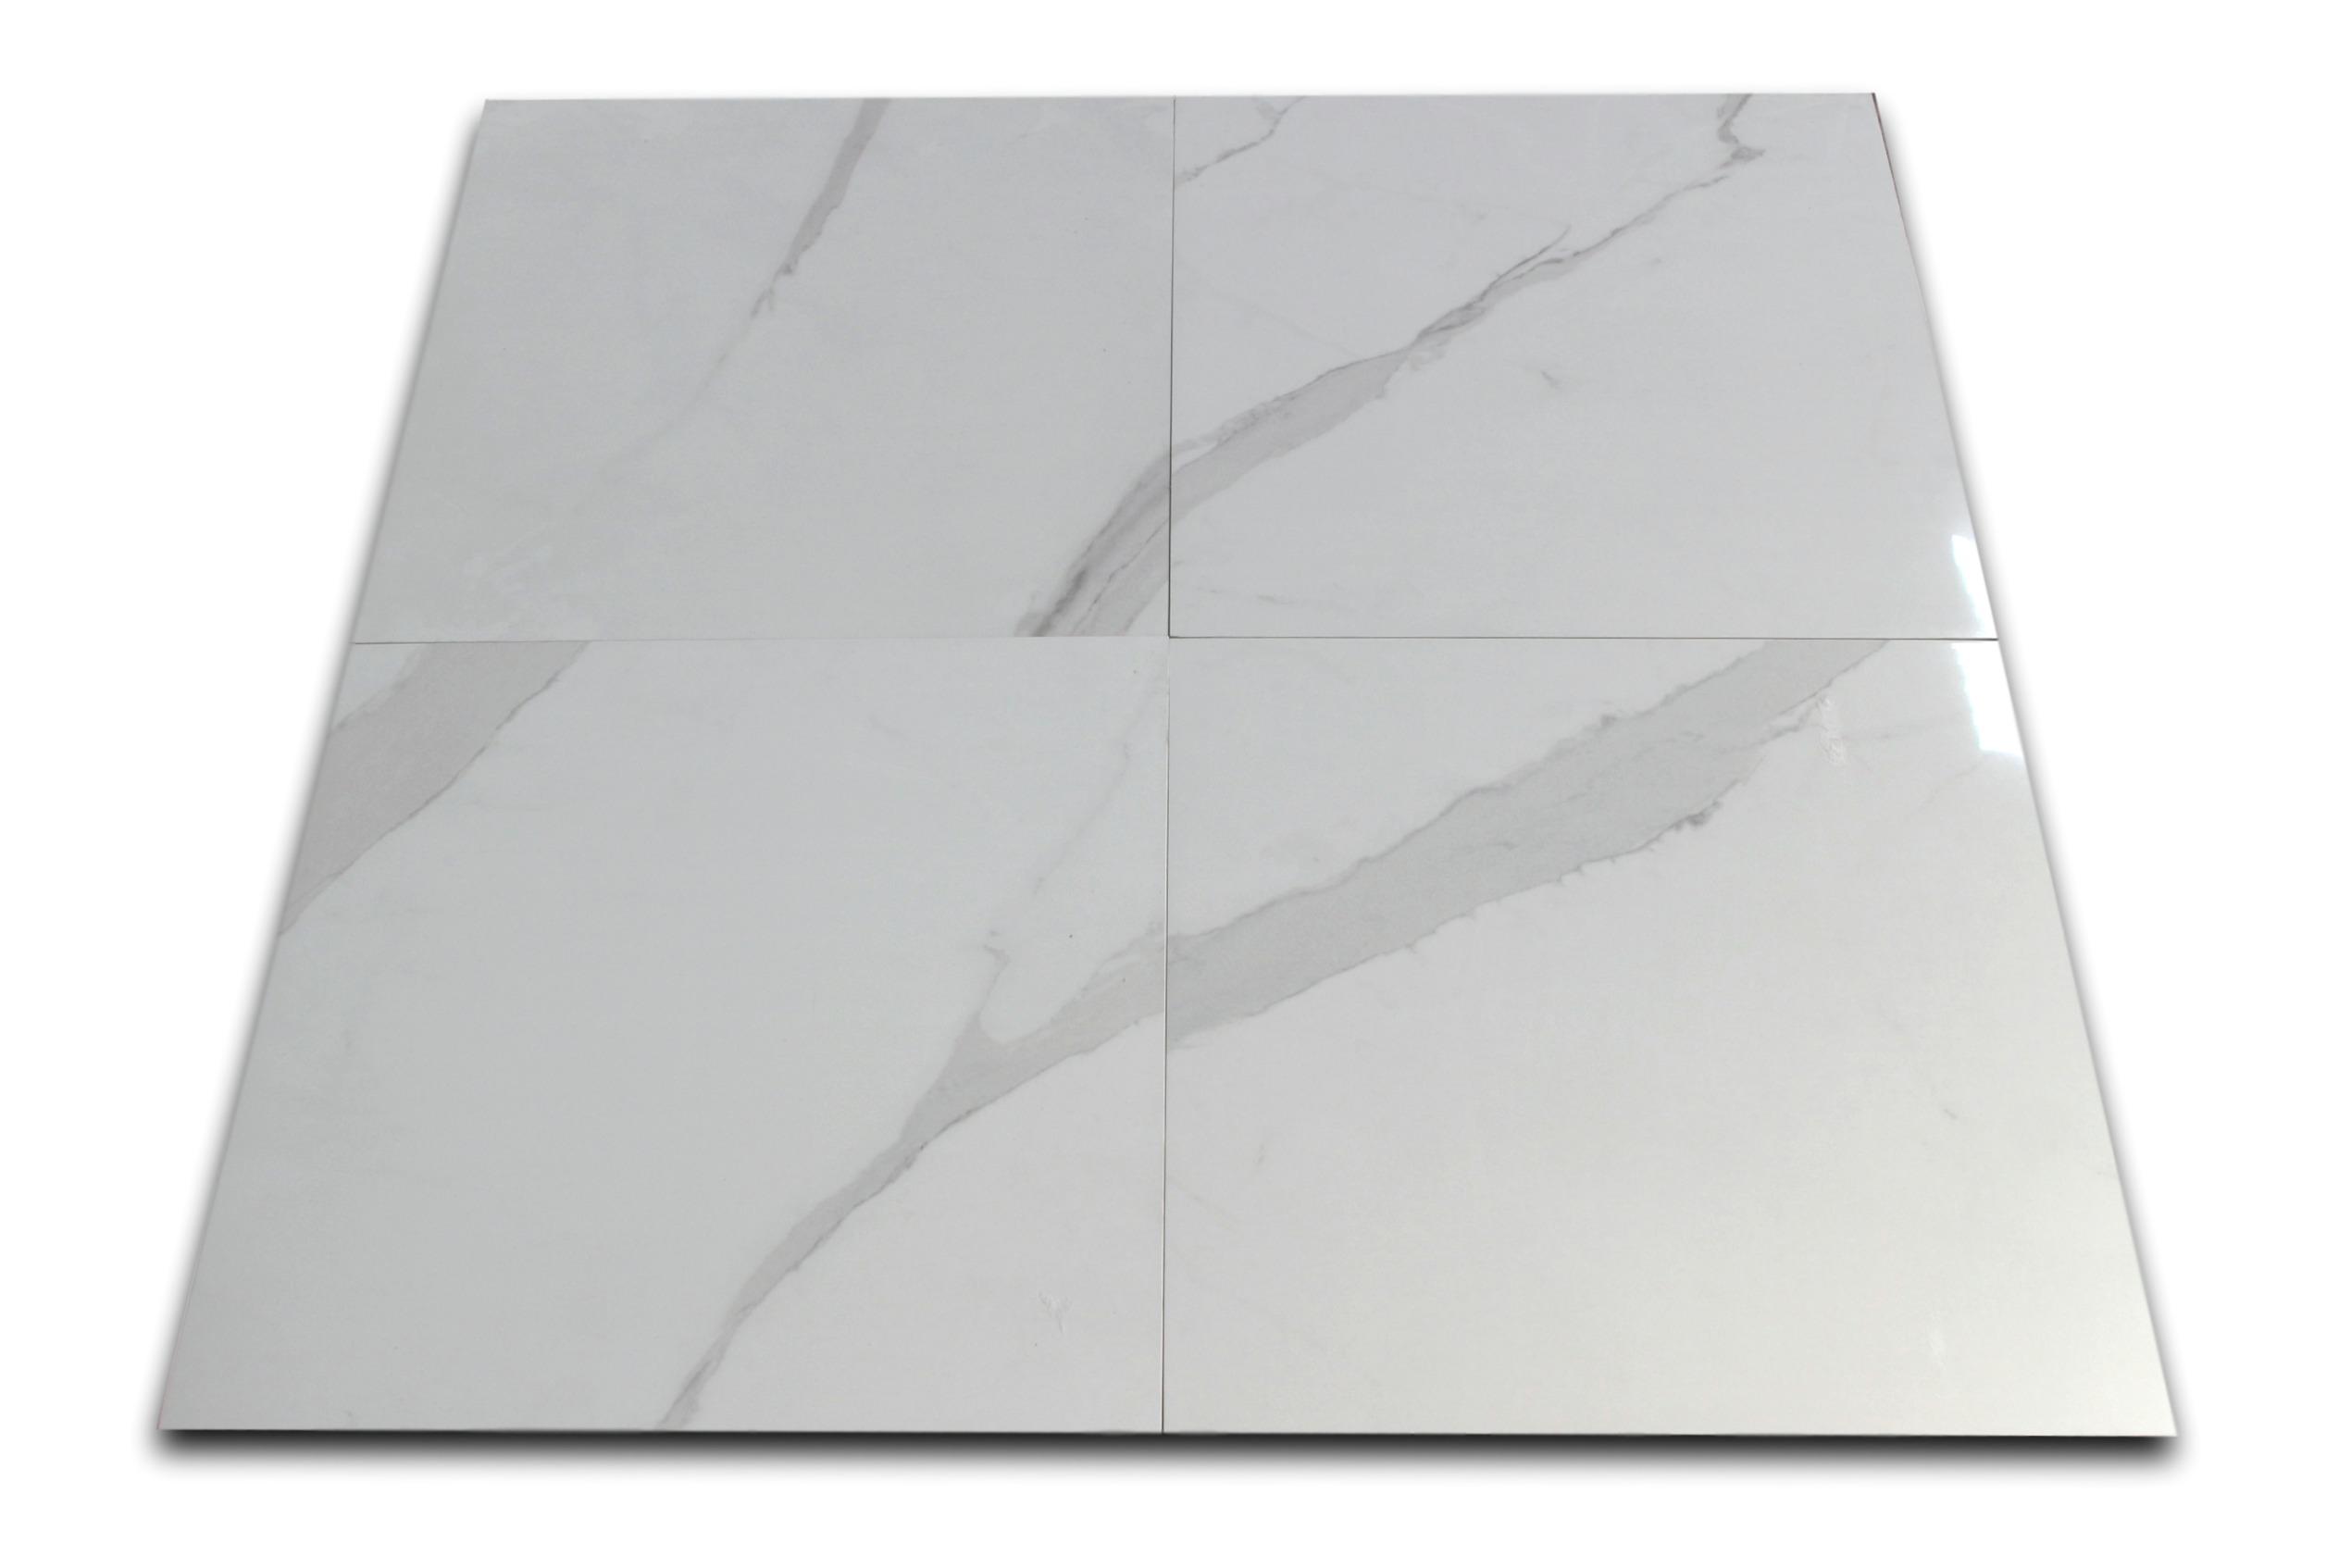 biały marmur 60x60 Statuary Blanco geotiles płytki imitujące marmur